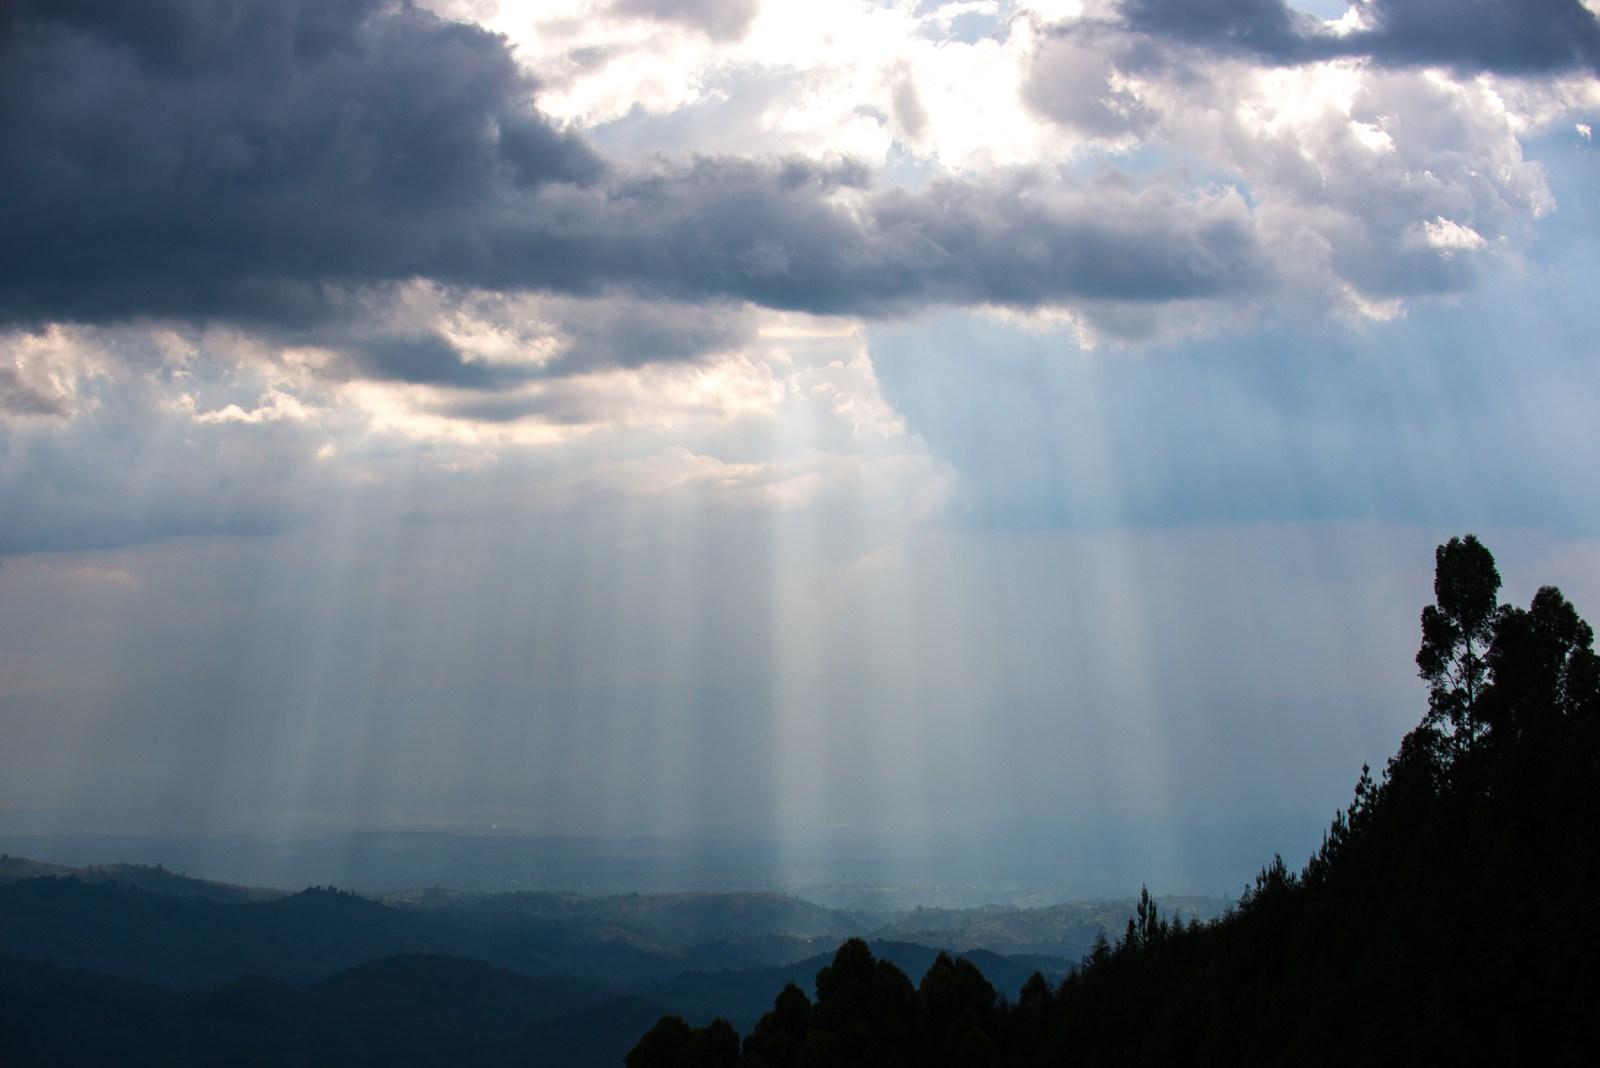 DOT_Doleac_Uganda_Clouds-7811